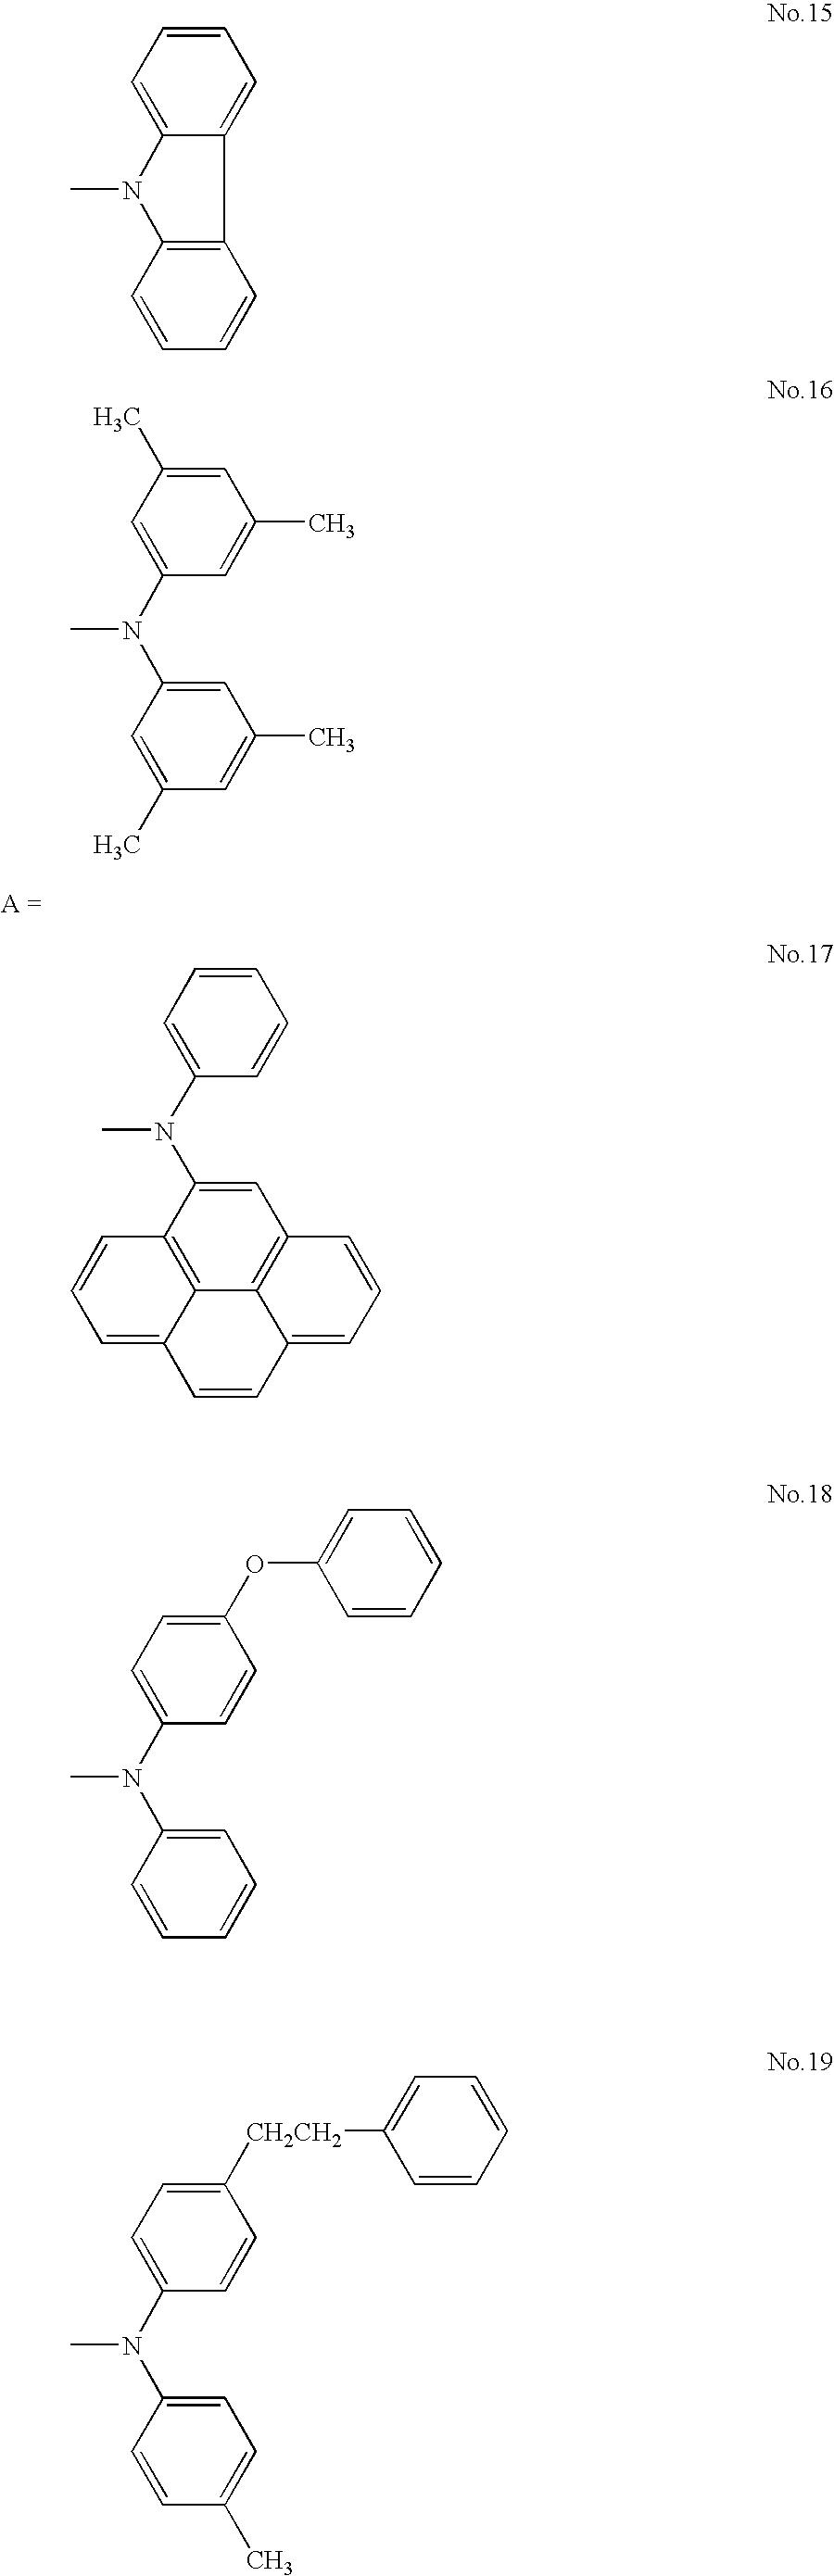 Figure US07629094-20091208-C00019